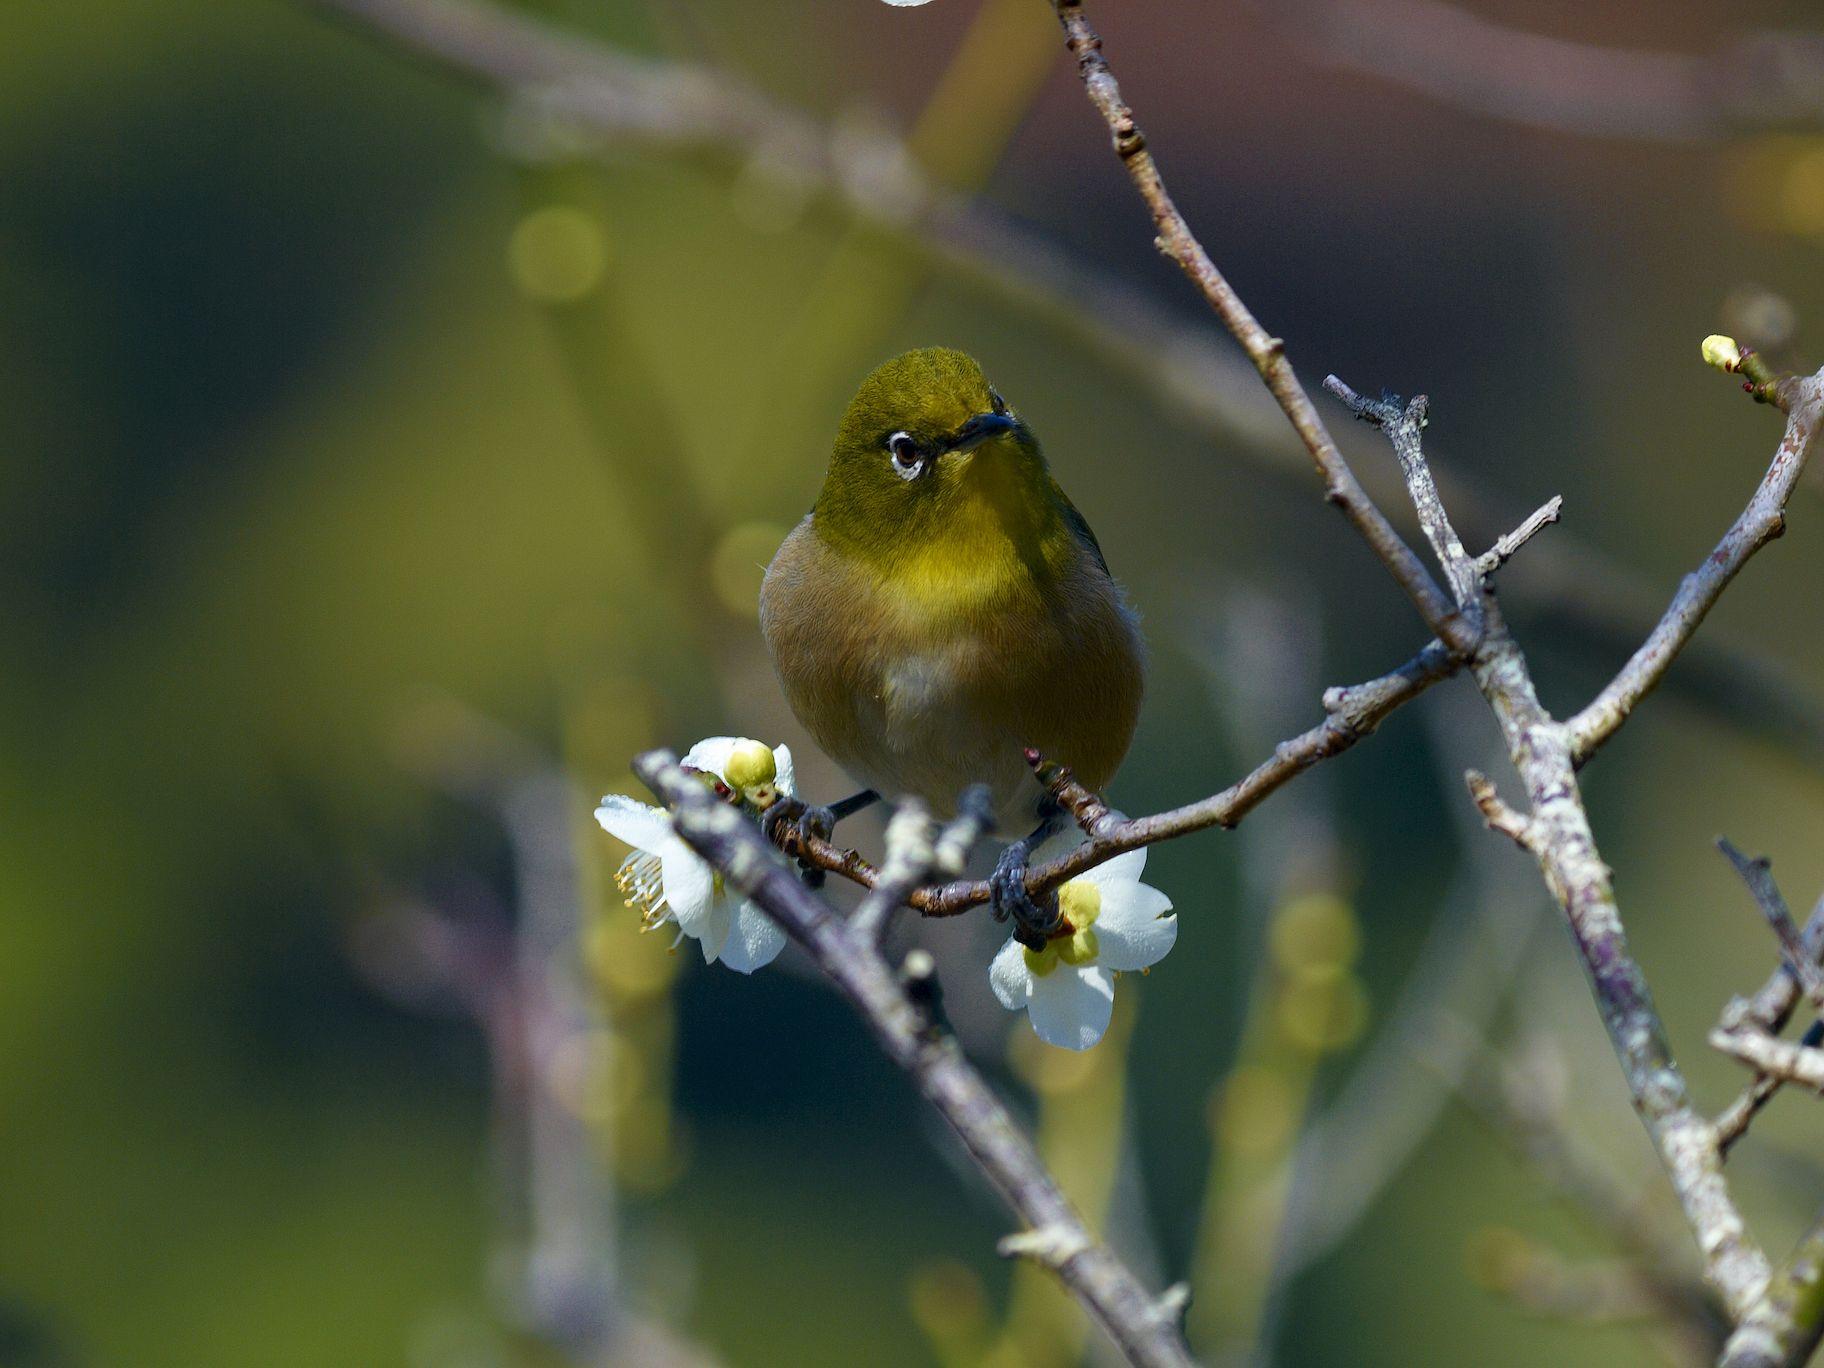 BORGで撮影した野鳥・メジロの写真画像